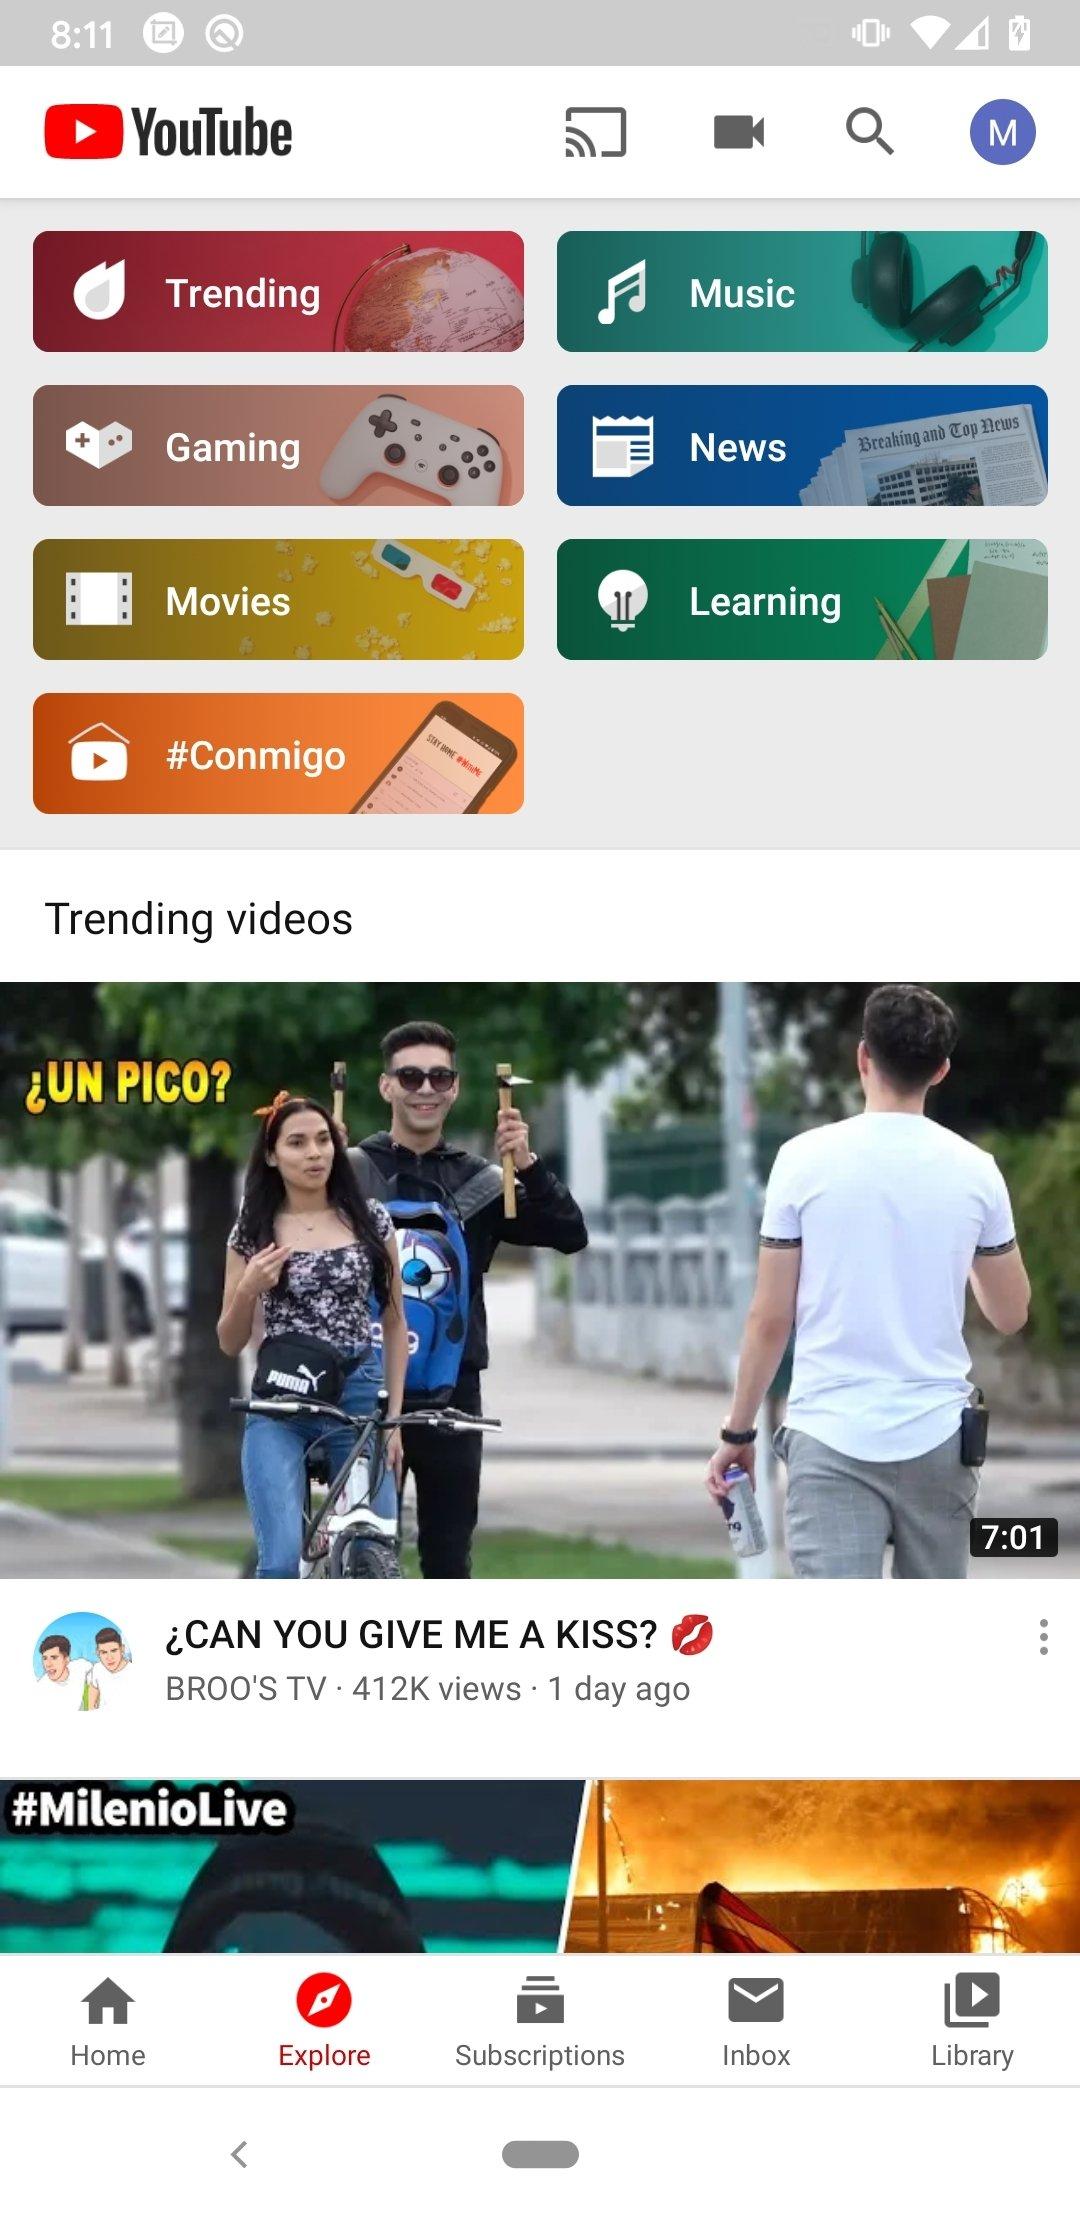 Скачать е приложение для скачивания видео с ютуб для андроид